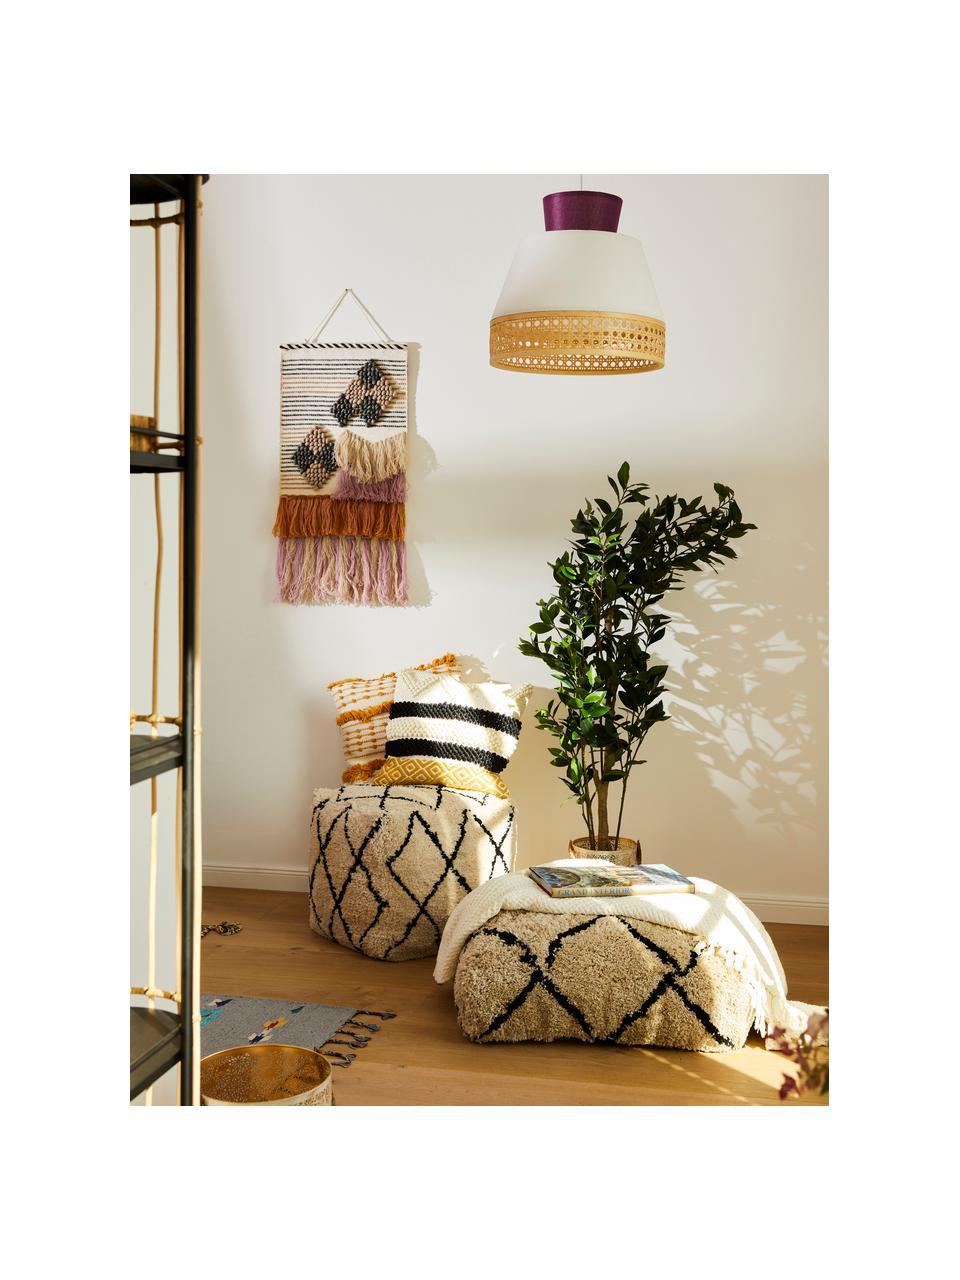 Ręcznie tuftowana poduszka podłogowa Naima, Tapicerka: 100% poliester, Beżowy, czarny, S 70 x W 20 cm